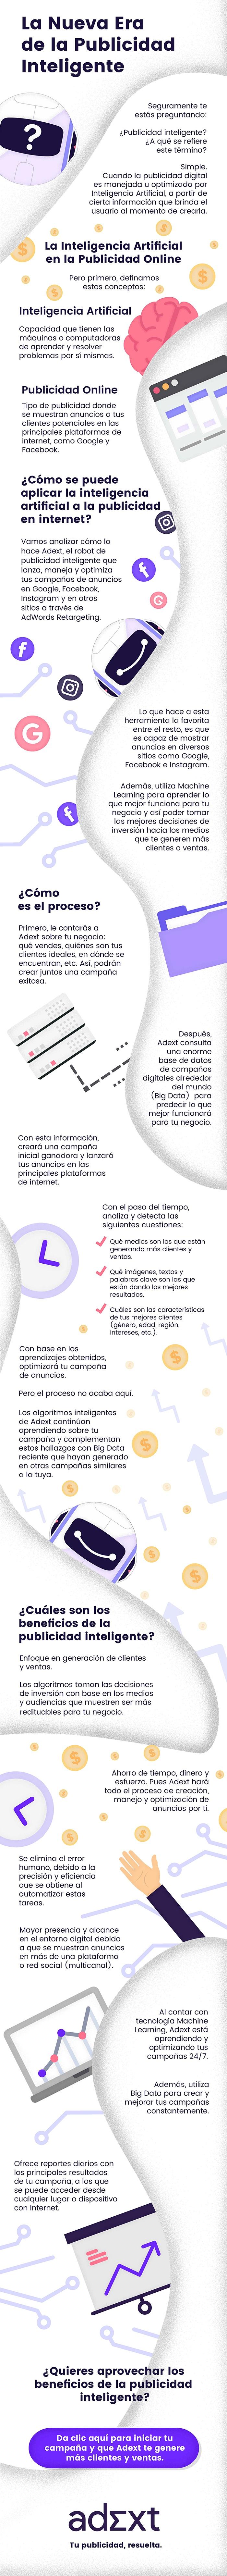 infografía-adext-inteligencia-artificial-publicidad-digital.jpg